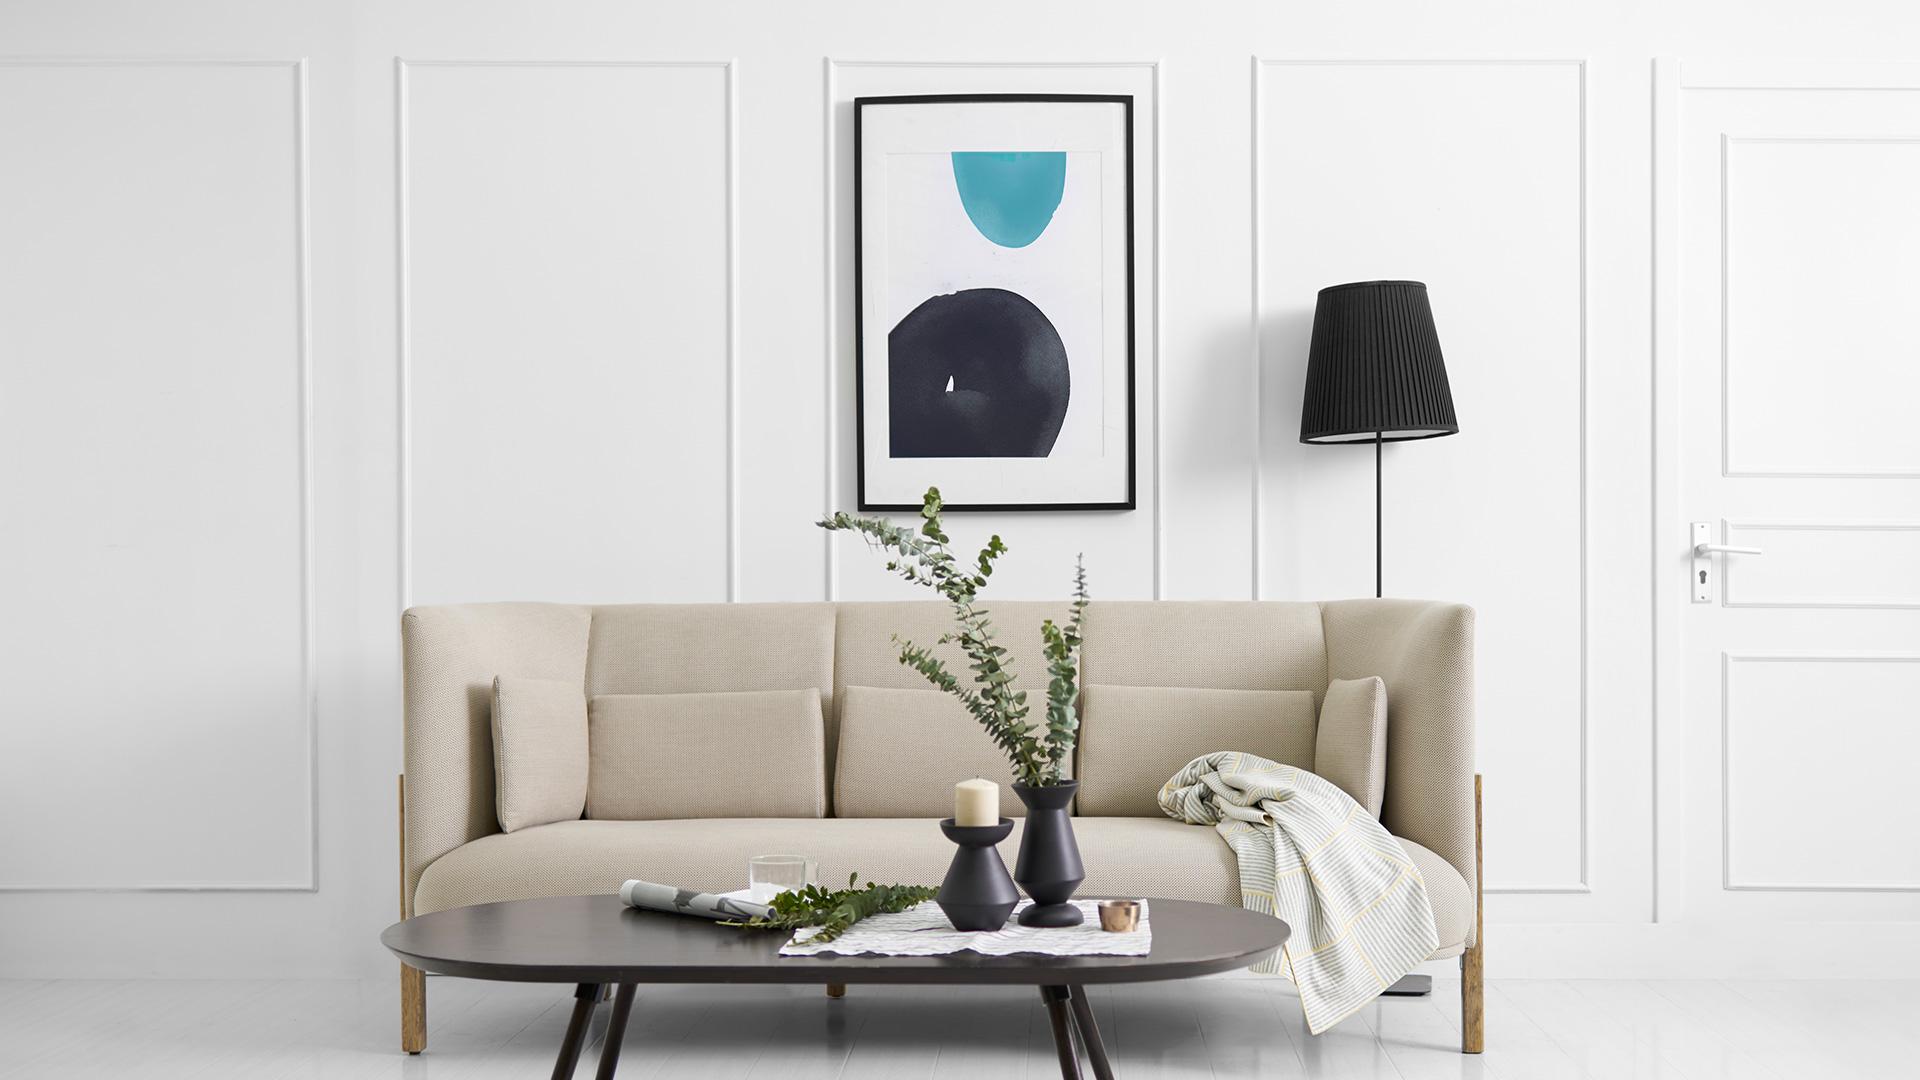 从主色调、大件沙发和茶几比例及材质选择、灯具等小件装饰物的搭配上,都用心为你考量,规划一个气质清雅的客厅,和家人一起爽朗度夏吧。?x-oss-process=image/format,jpg/interlace,1